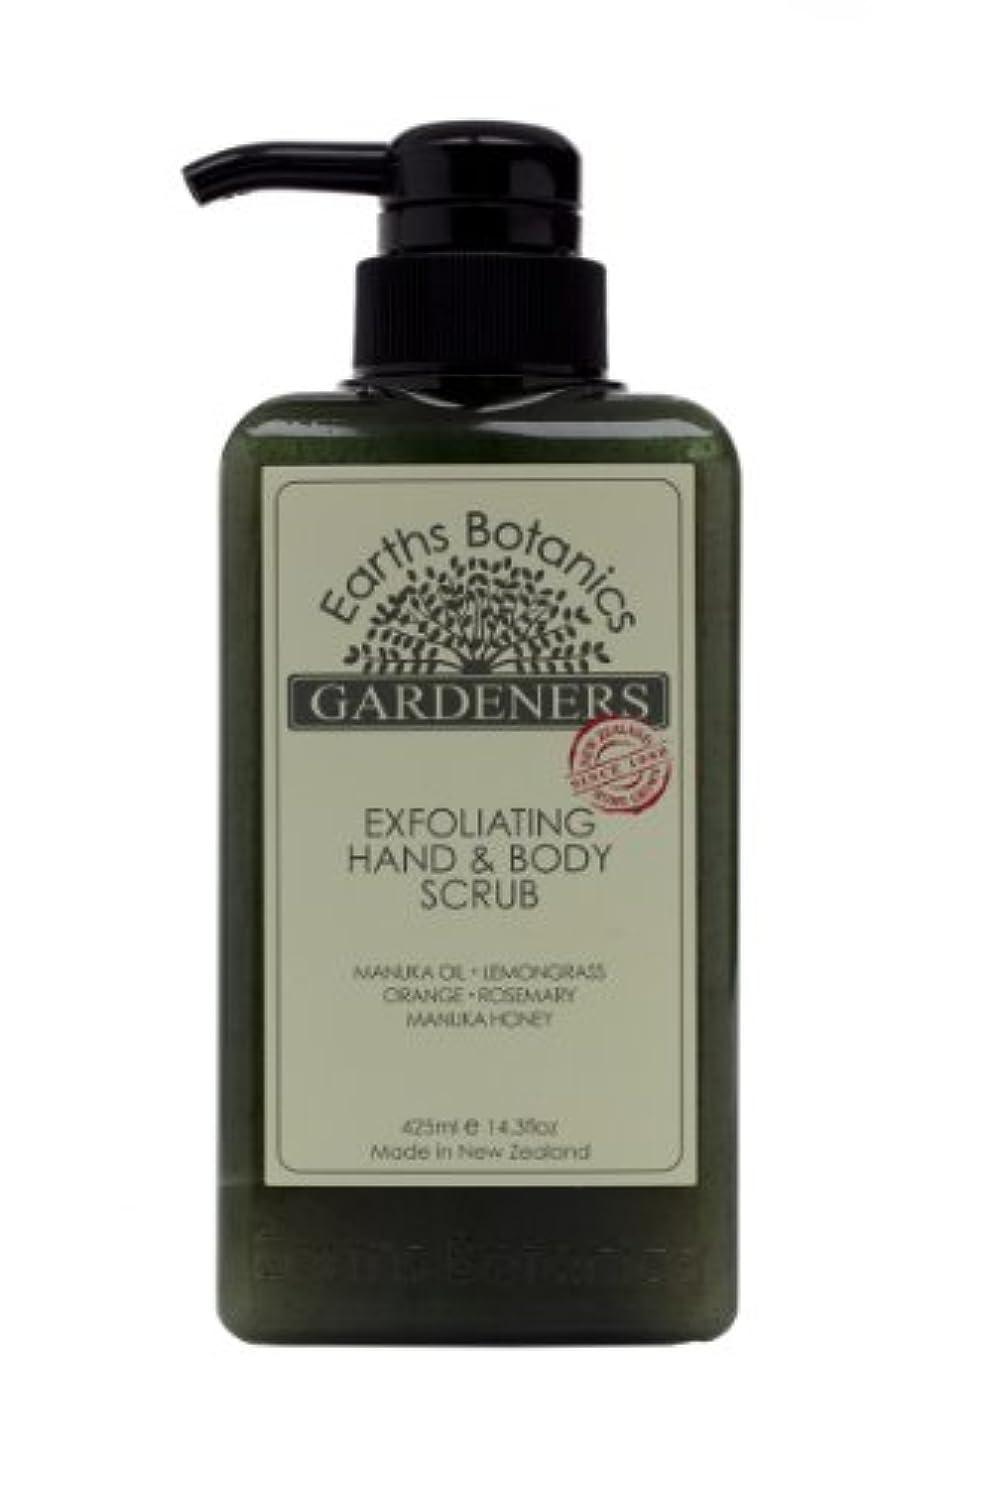 血色の良いクランプペチュランスEarths Botanics GARDENERS(ガーデナーズ) ハンド&ボディスクラブ 425ml